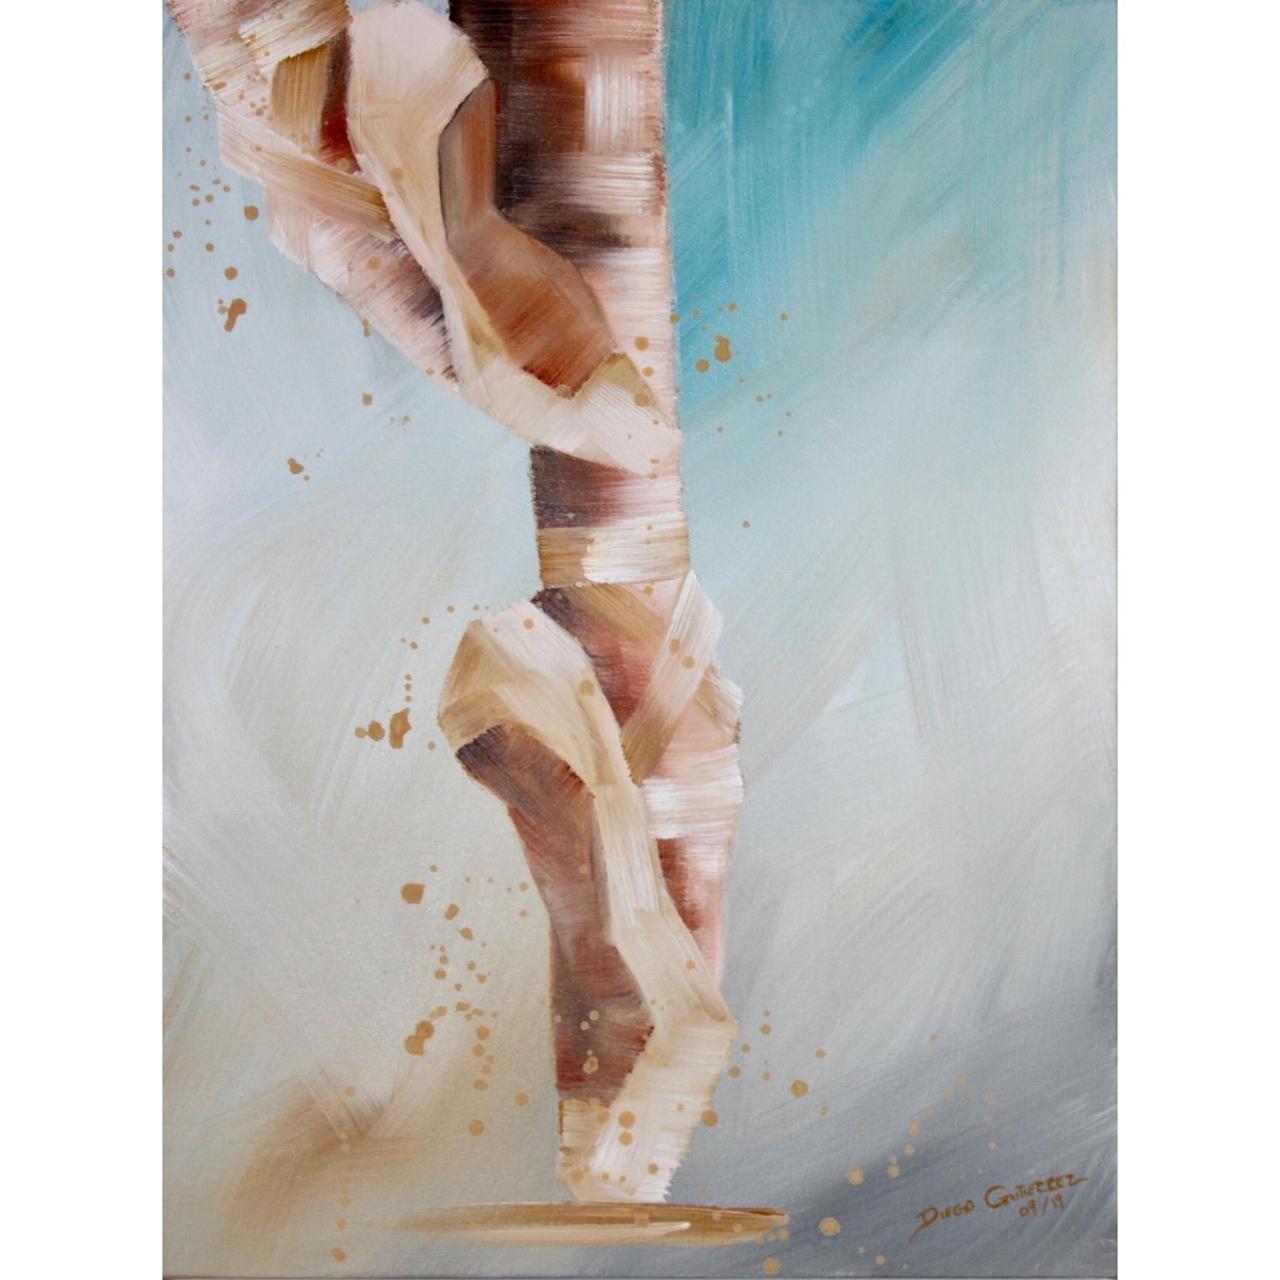 diego-gutierrez-gallery-ballerina-style-06